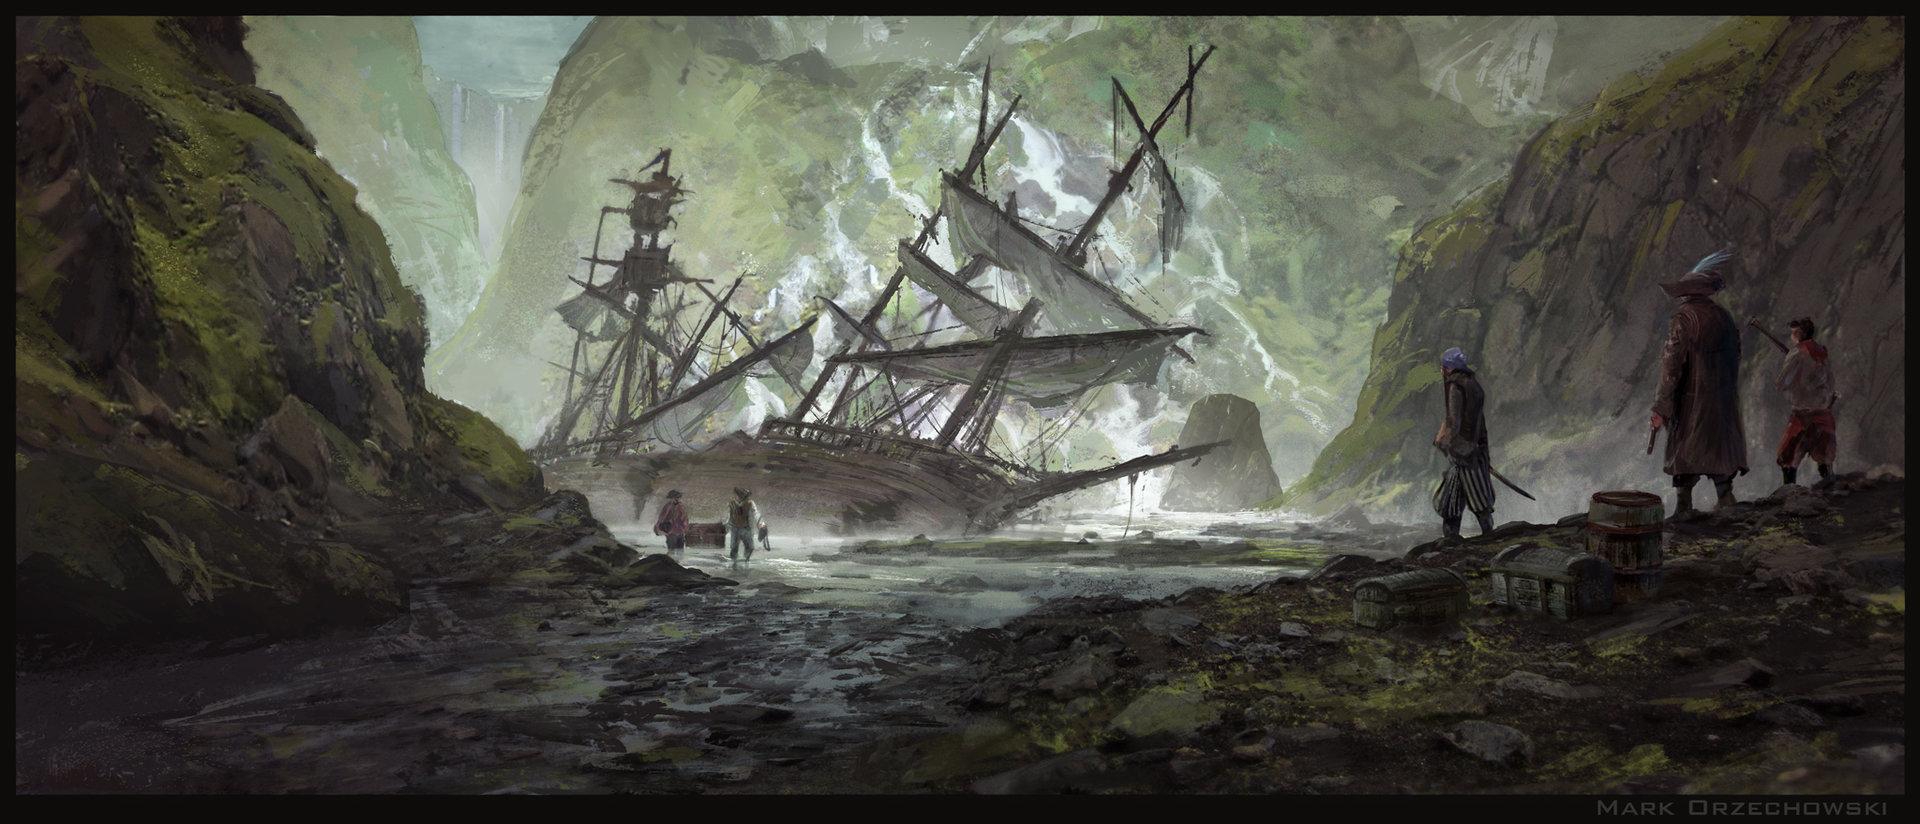 Mark orzechowski markorz shipwreck7 2048